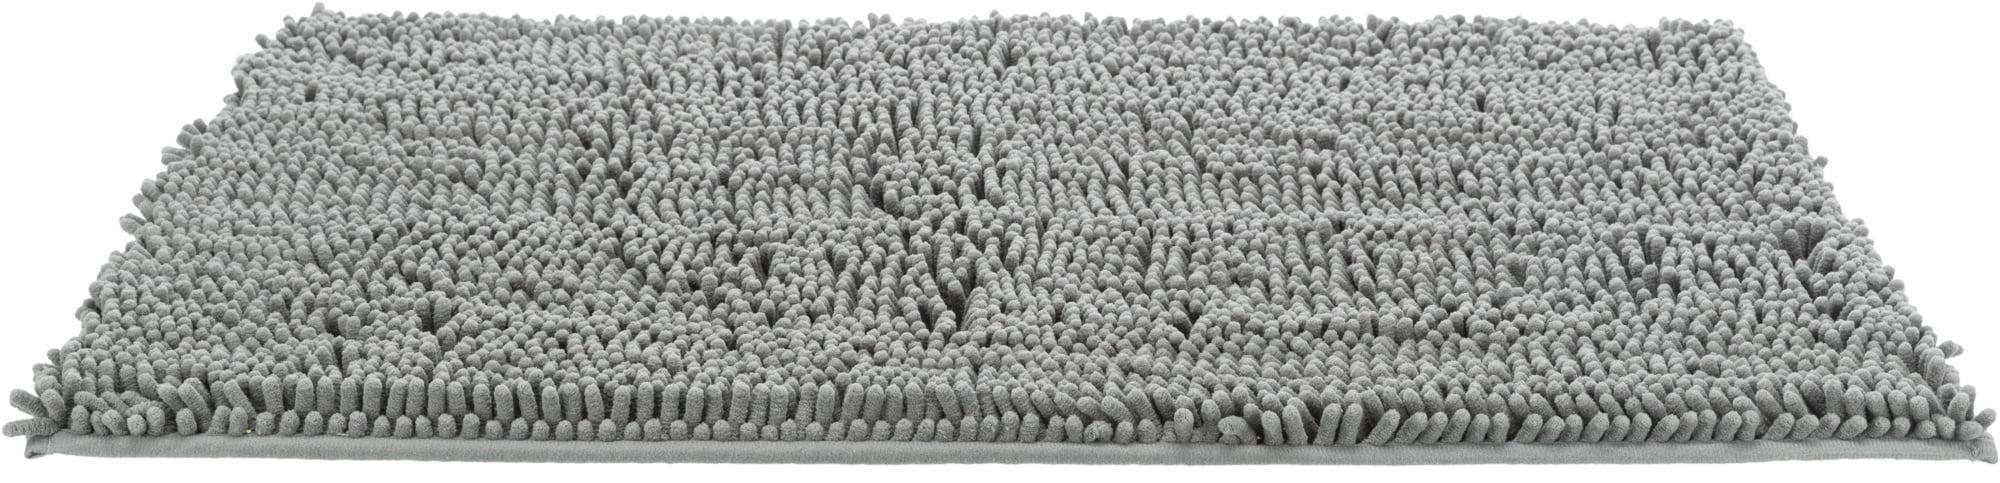 Trixie Schoonloopmat, 120 x 80 cm, grijs